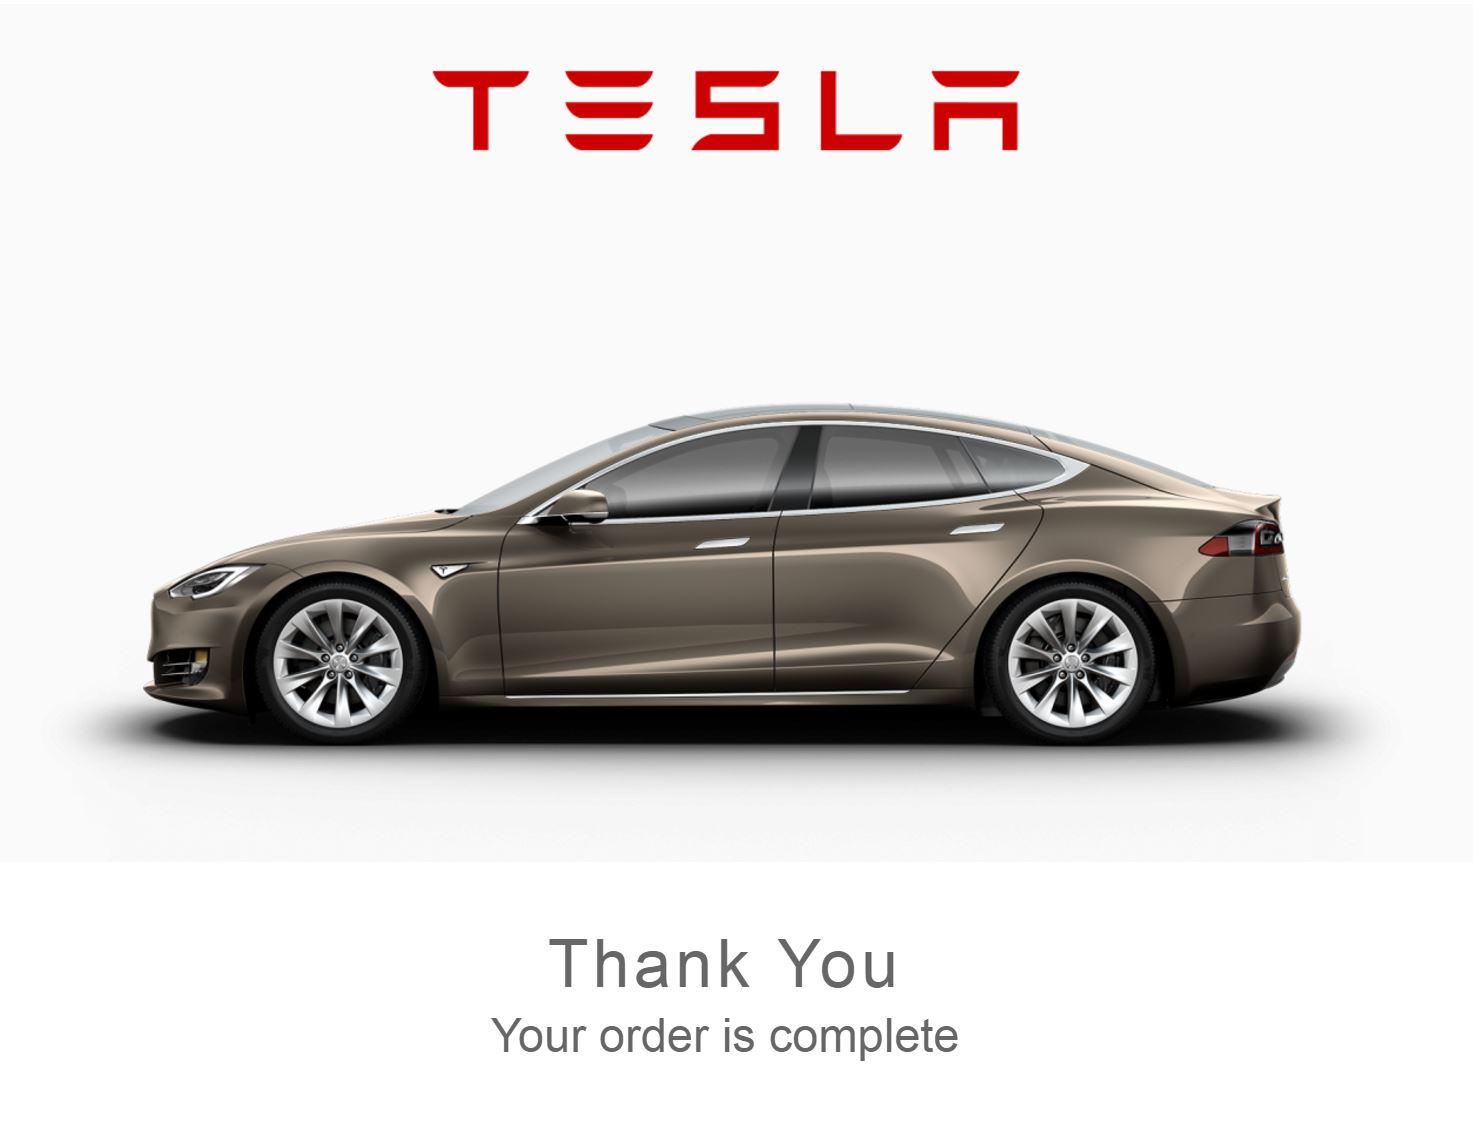 Tesla_YourOrderIsComplete.JPG